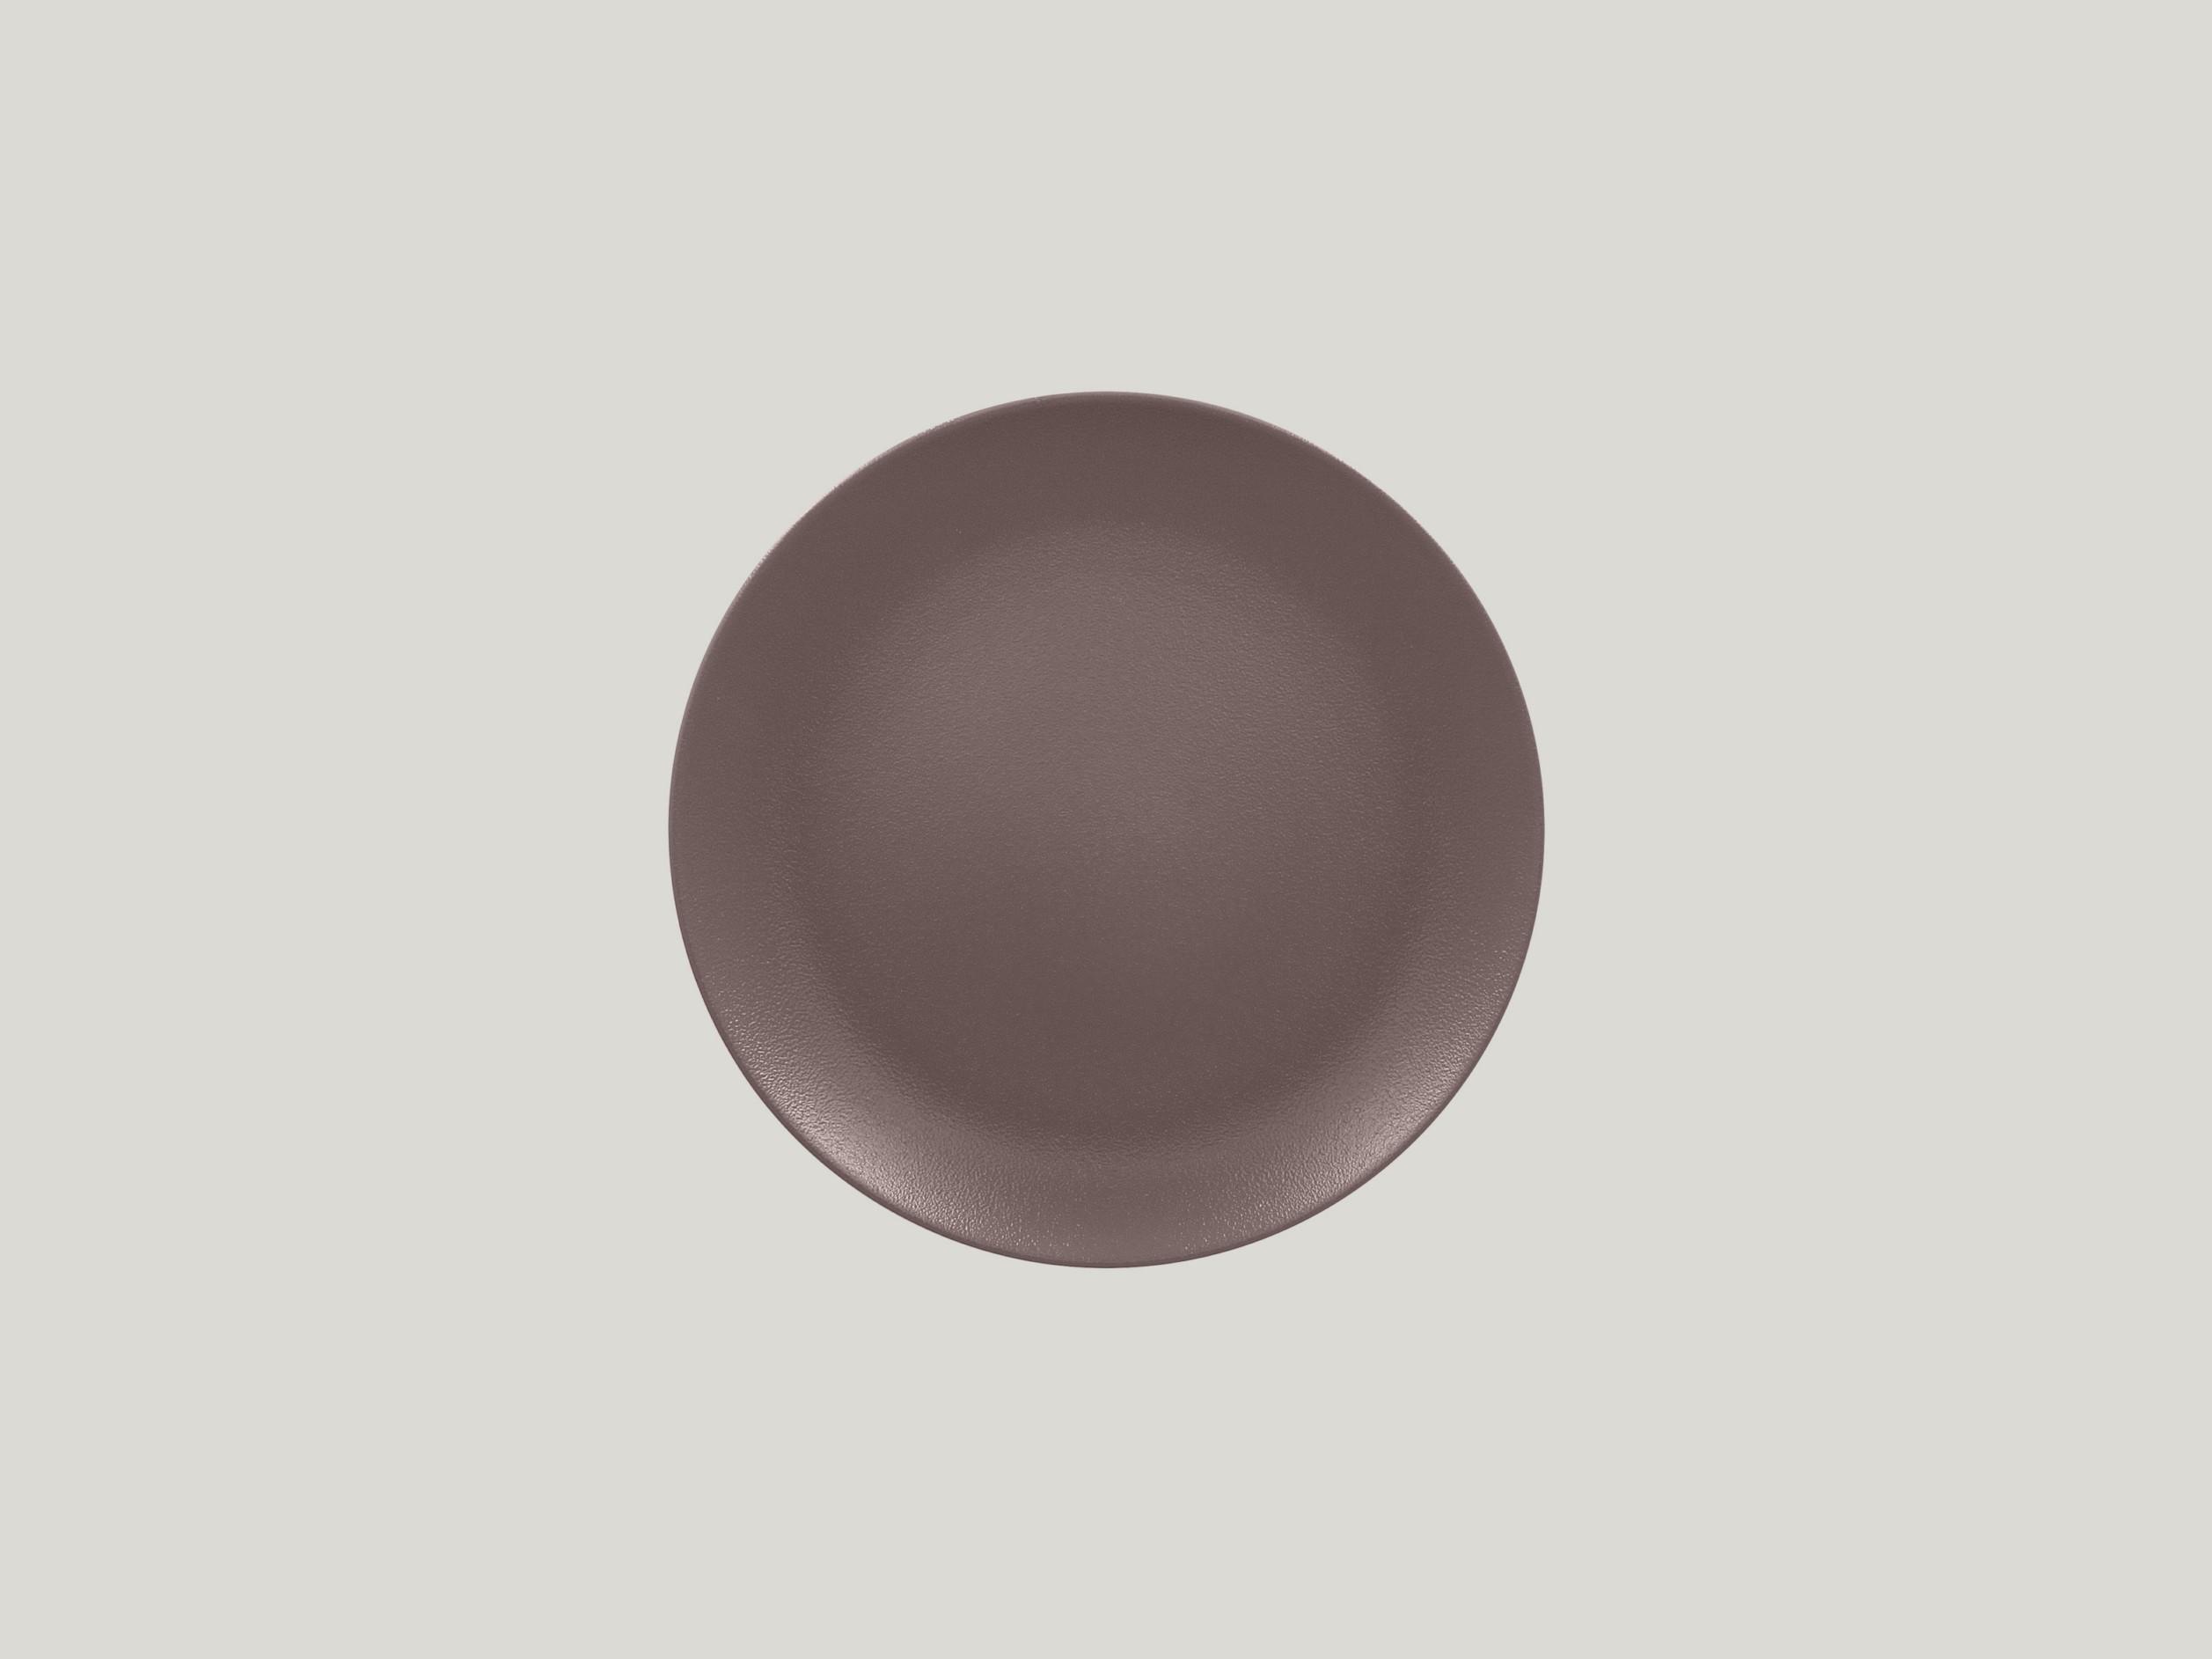 Talíř mělký 21 cm - hnědá